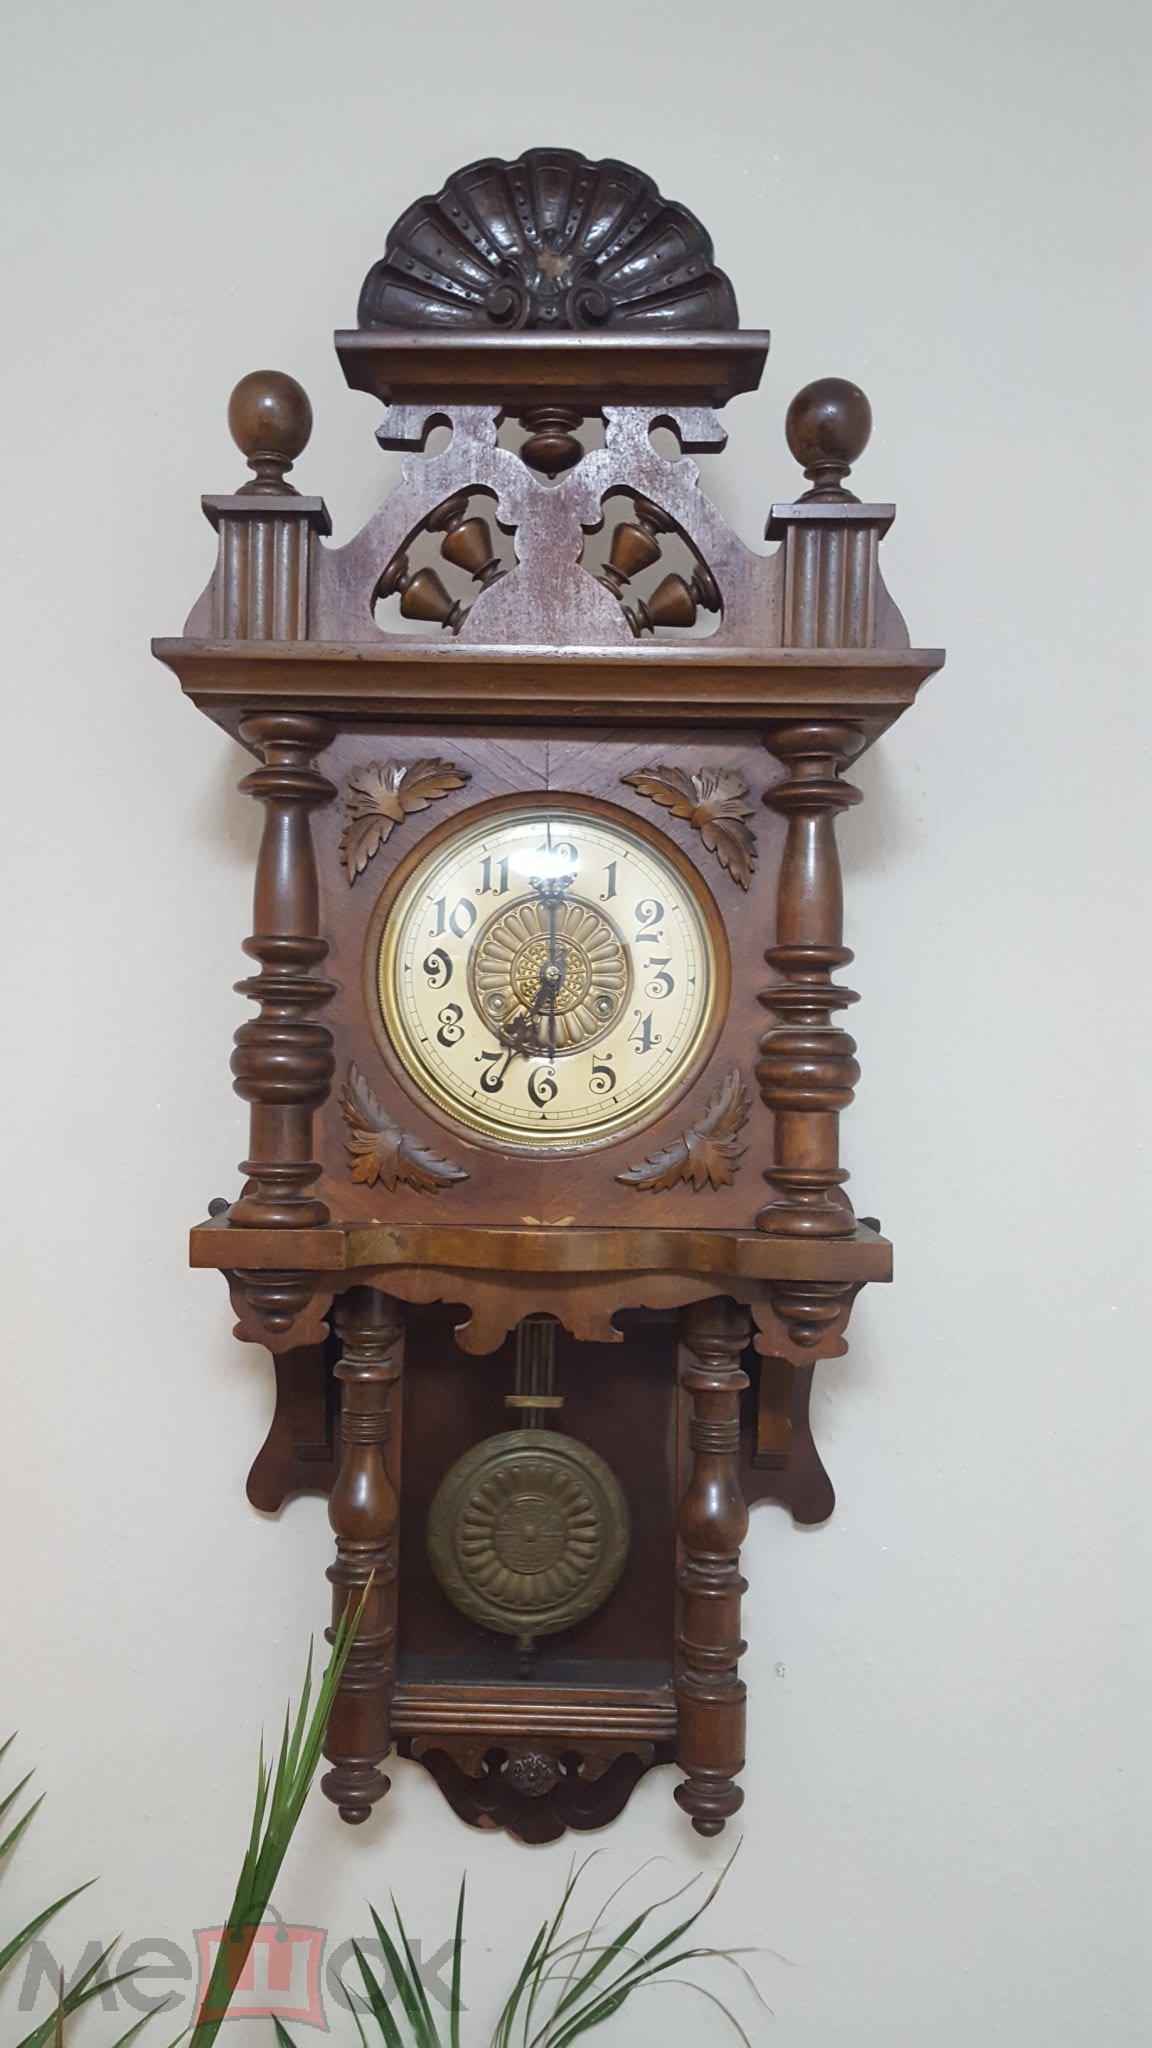 dac984e823522 Старинные настенные часы с боем Junghans, Германия (торги завершены ...